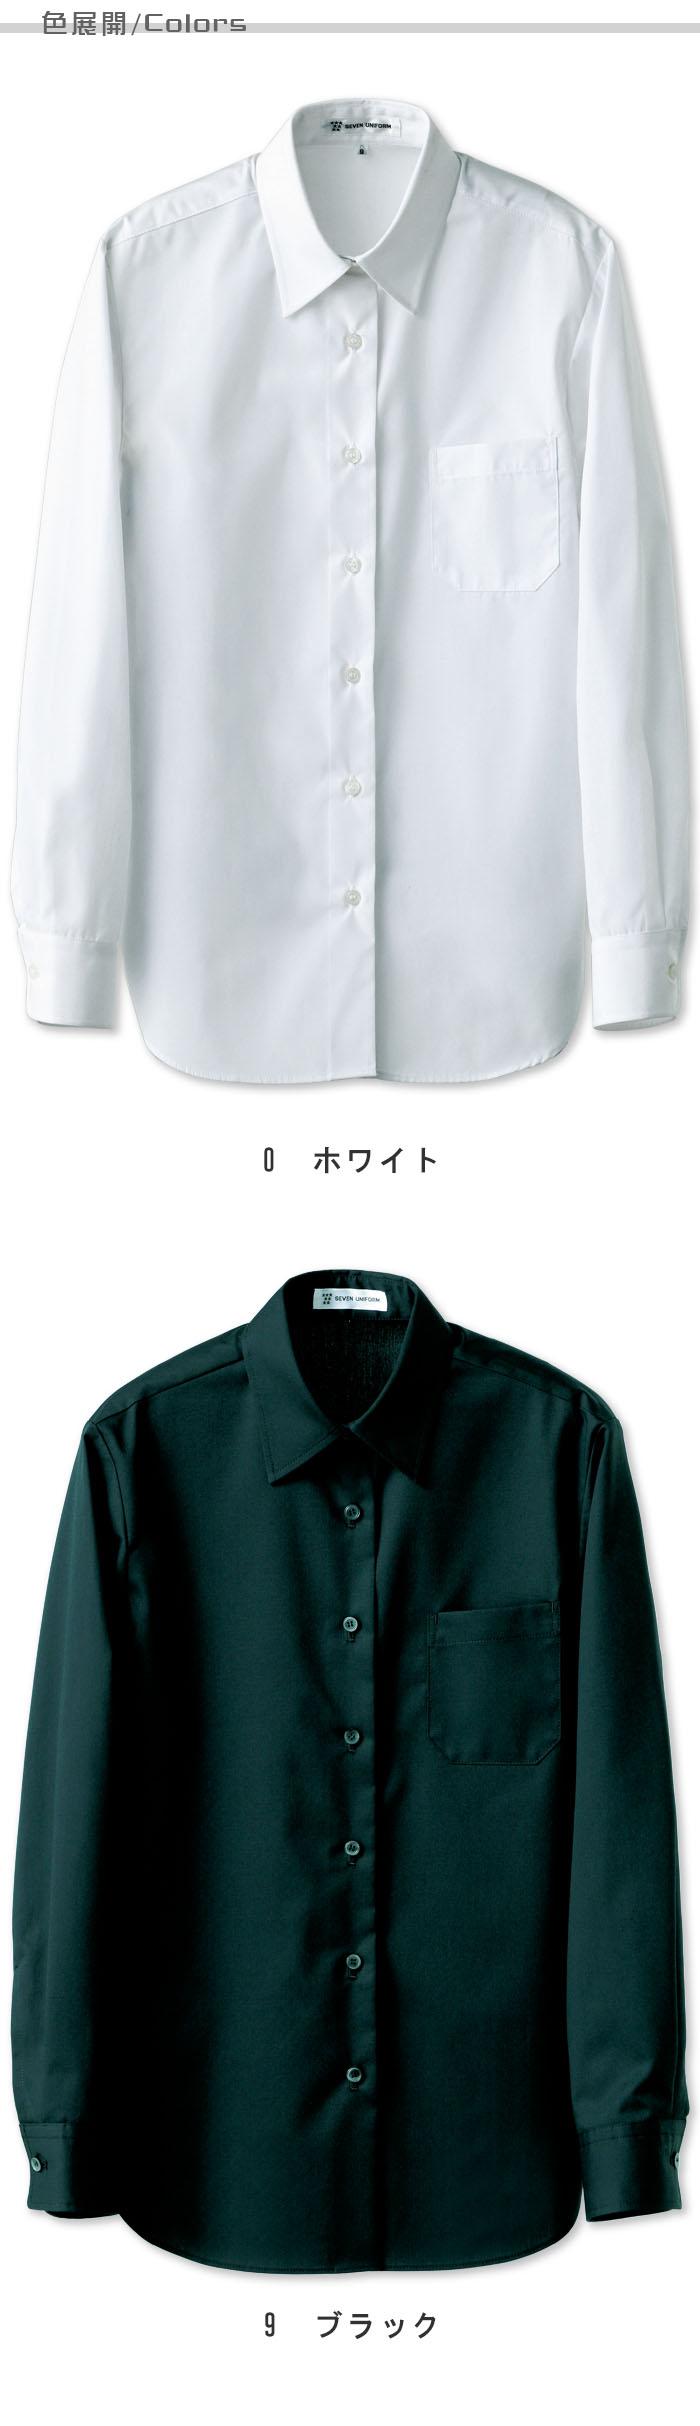 飲食店販売店制服 リーズナブルで厚手素材、21号サイズまである 長袖シャツ【2色】女性用 商品色展開説明